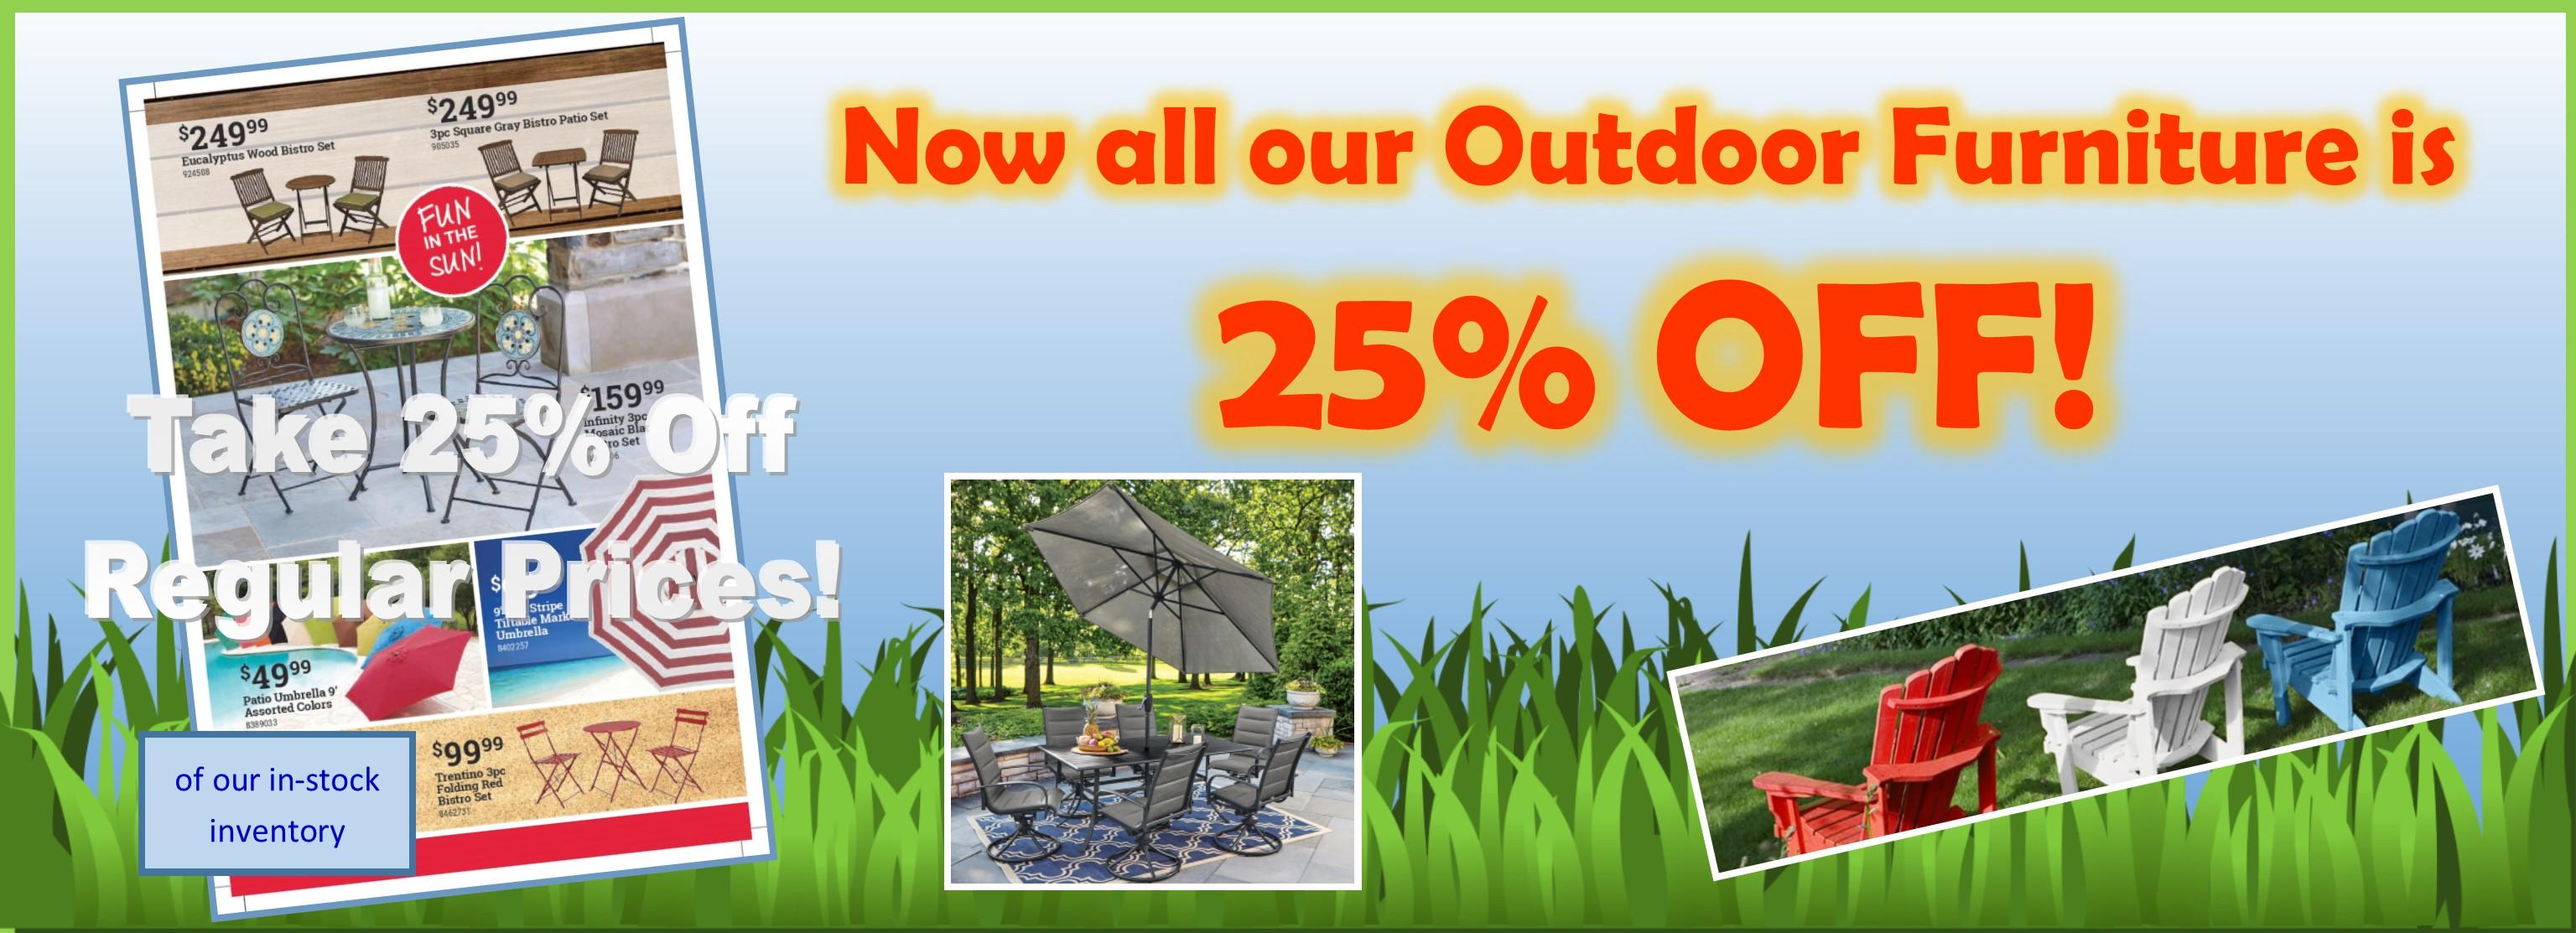 25% off Outdoor